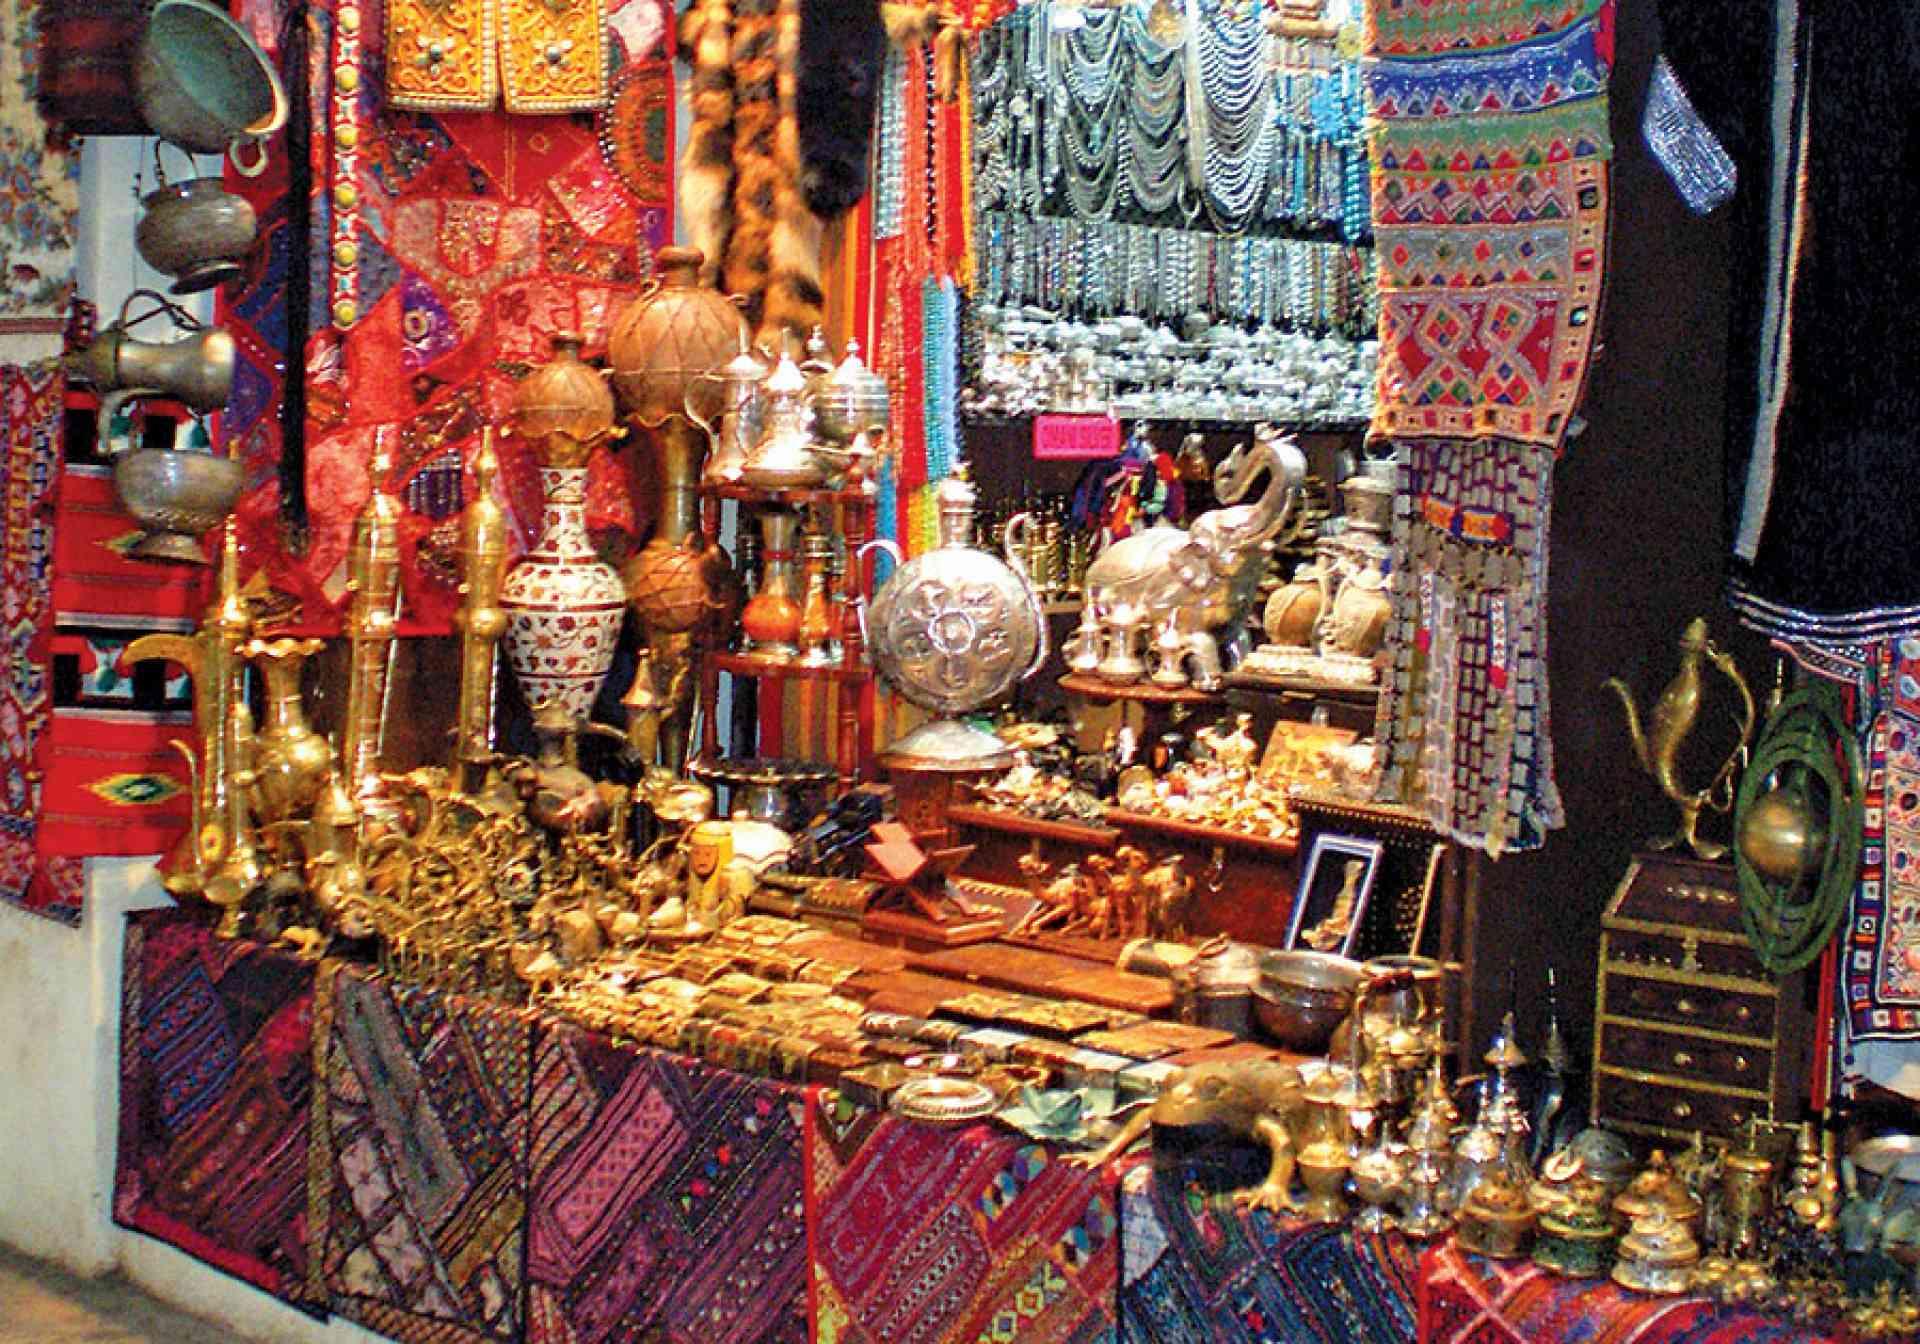 Souk souviners, Muscat, Oman